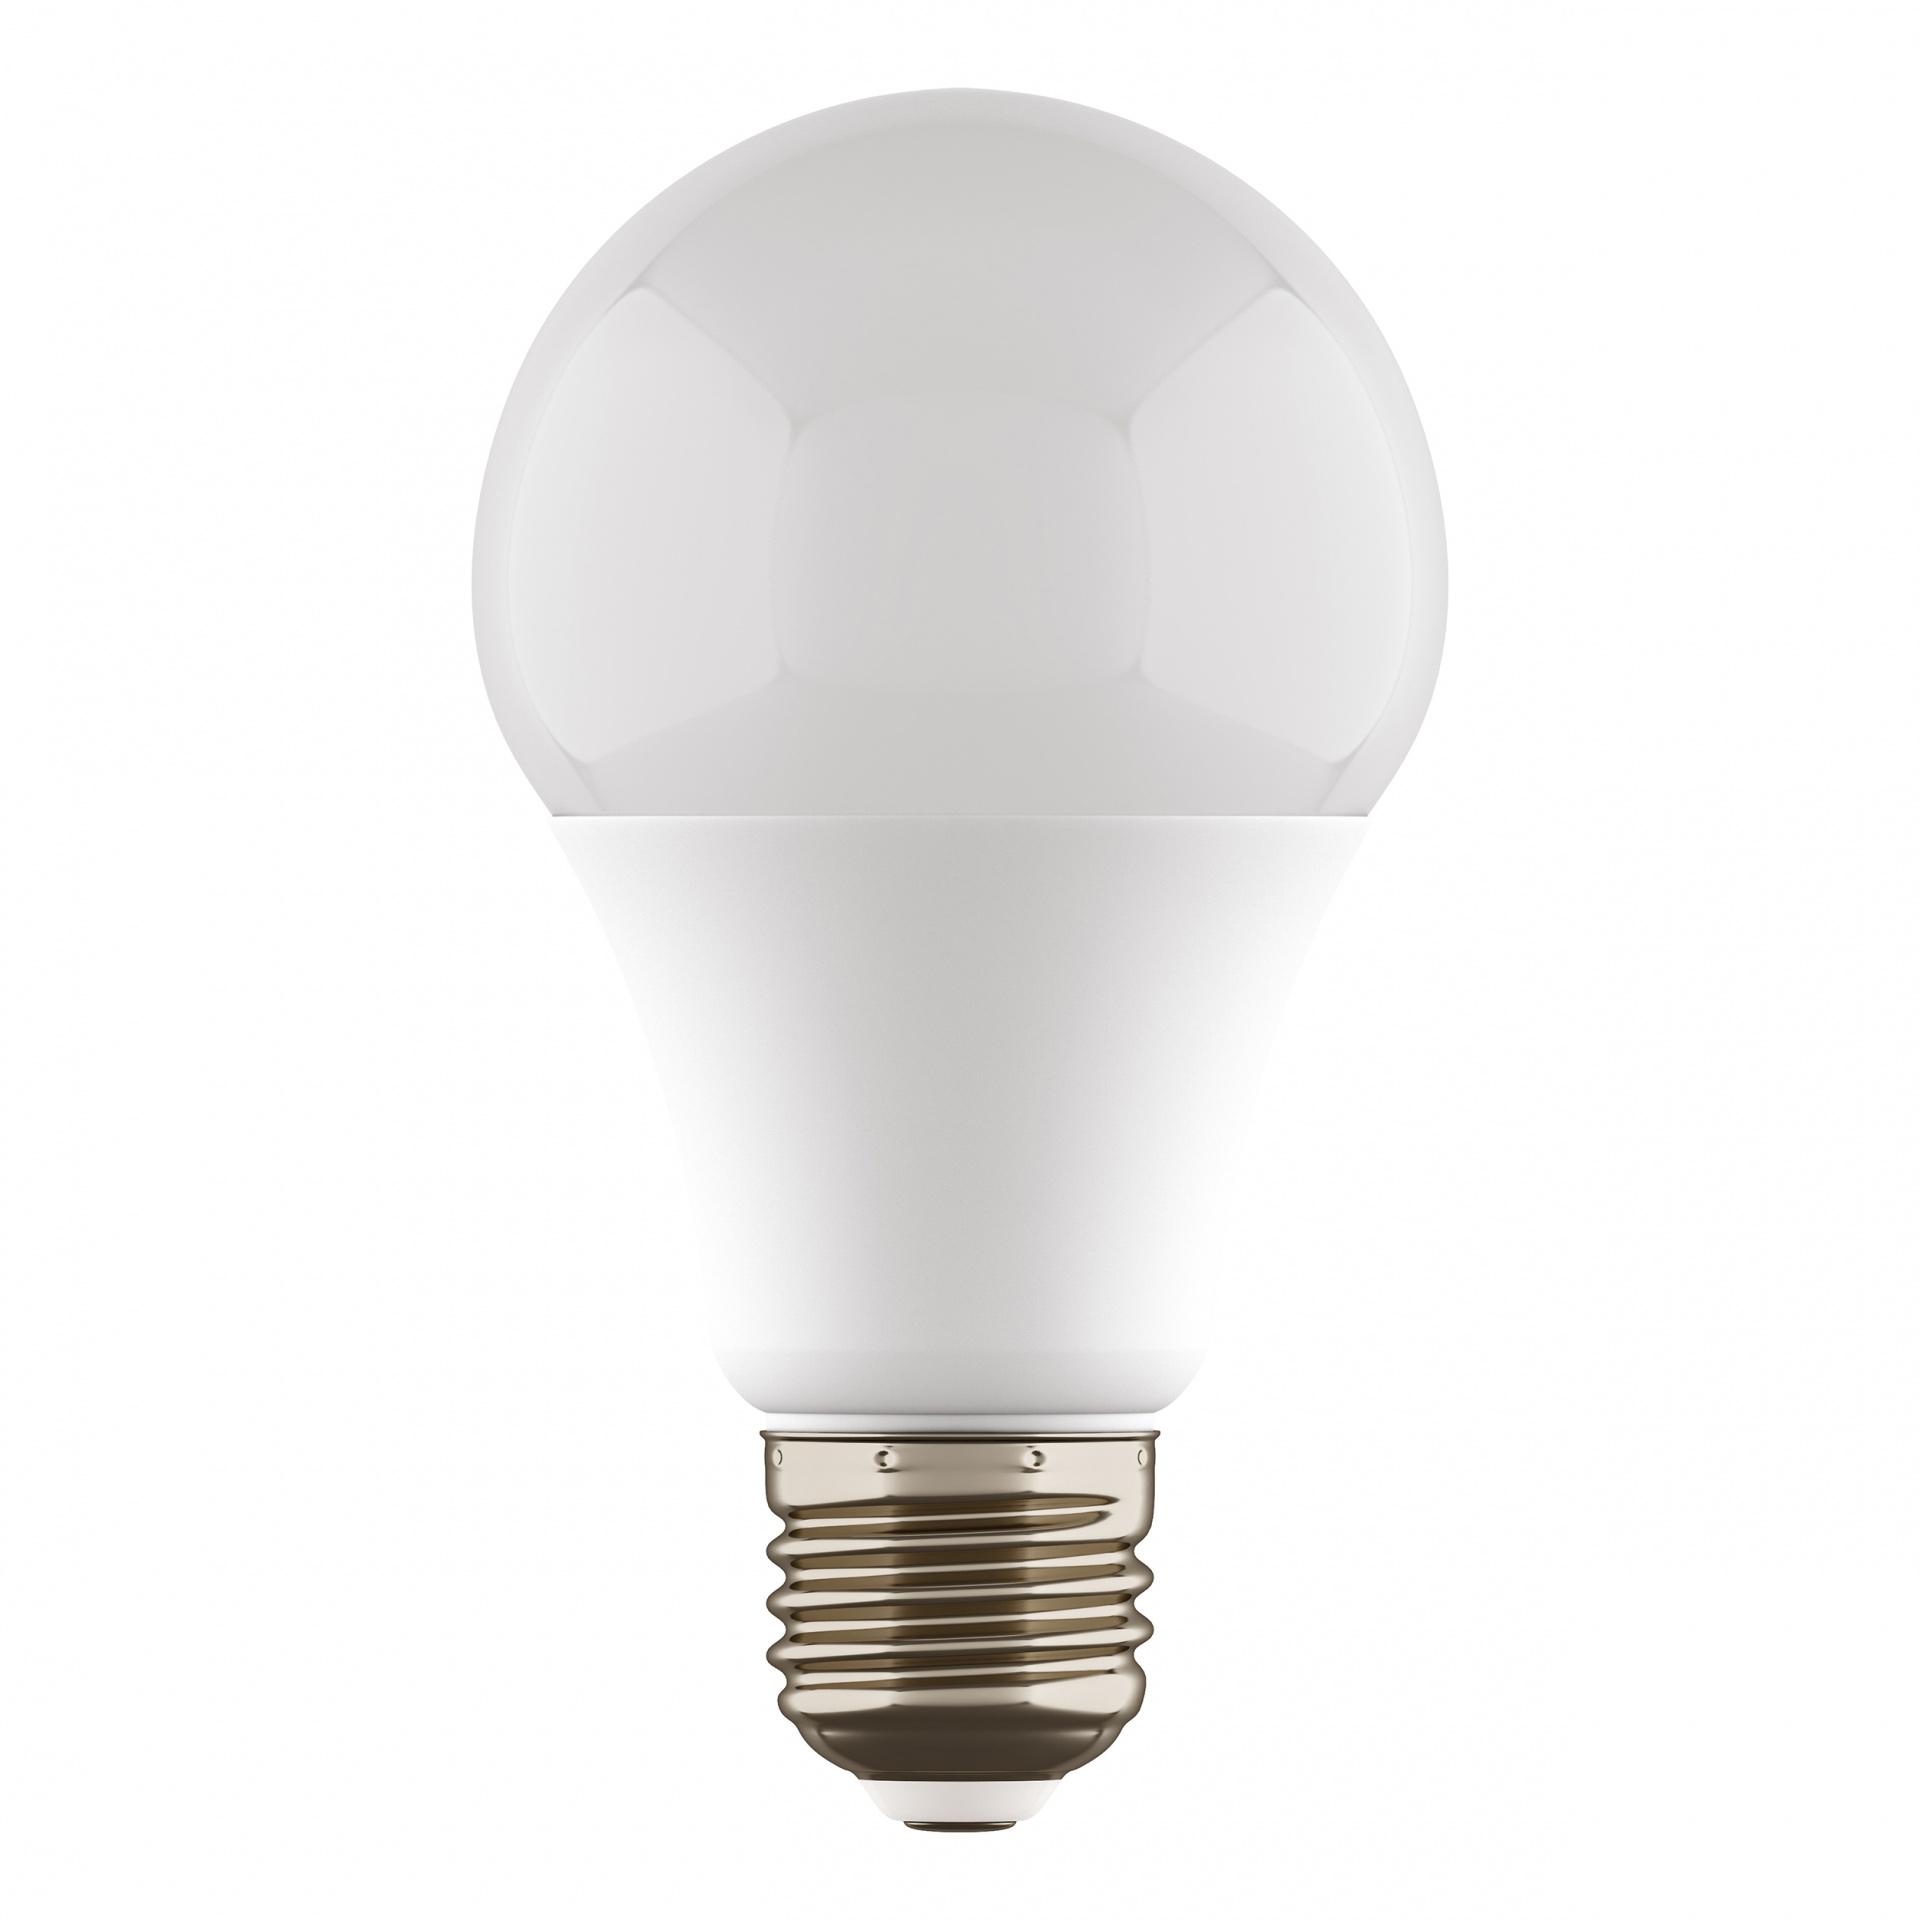 Лампа LED 220V A19 E27 6W=60W 500LM 360G 3000K DIMM Lightstar 940012, купить в СПб, Москве, с доставкой, Санкт-Петербург, интернет-магазин люстр и светильников Starlight, фото в жизни